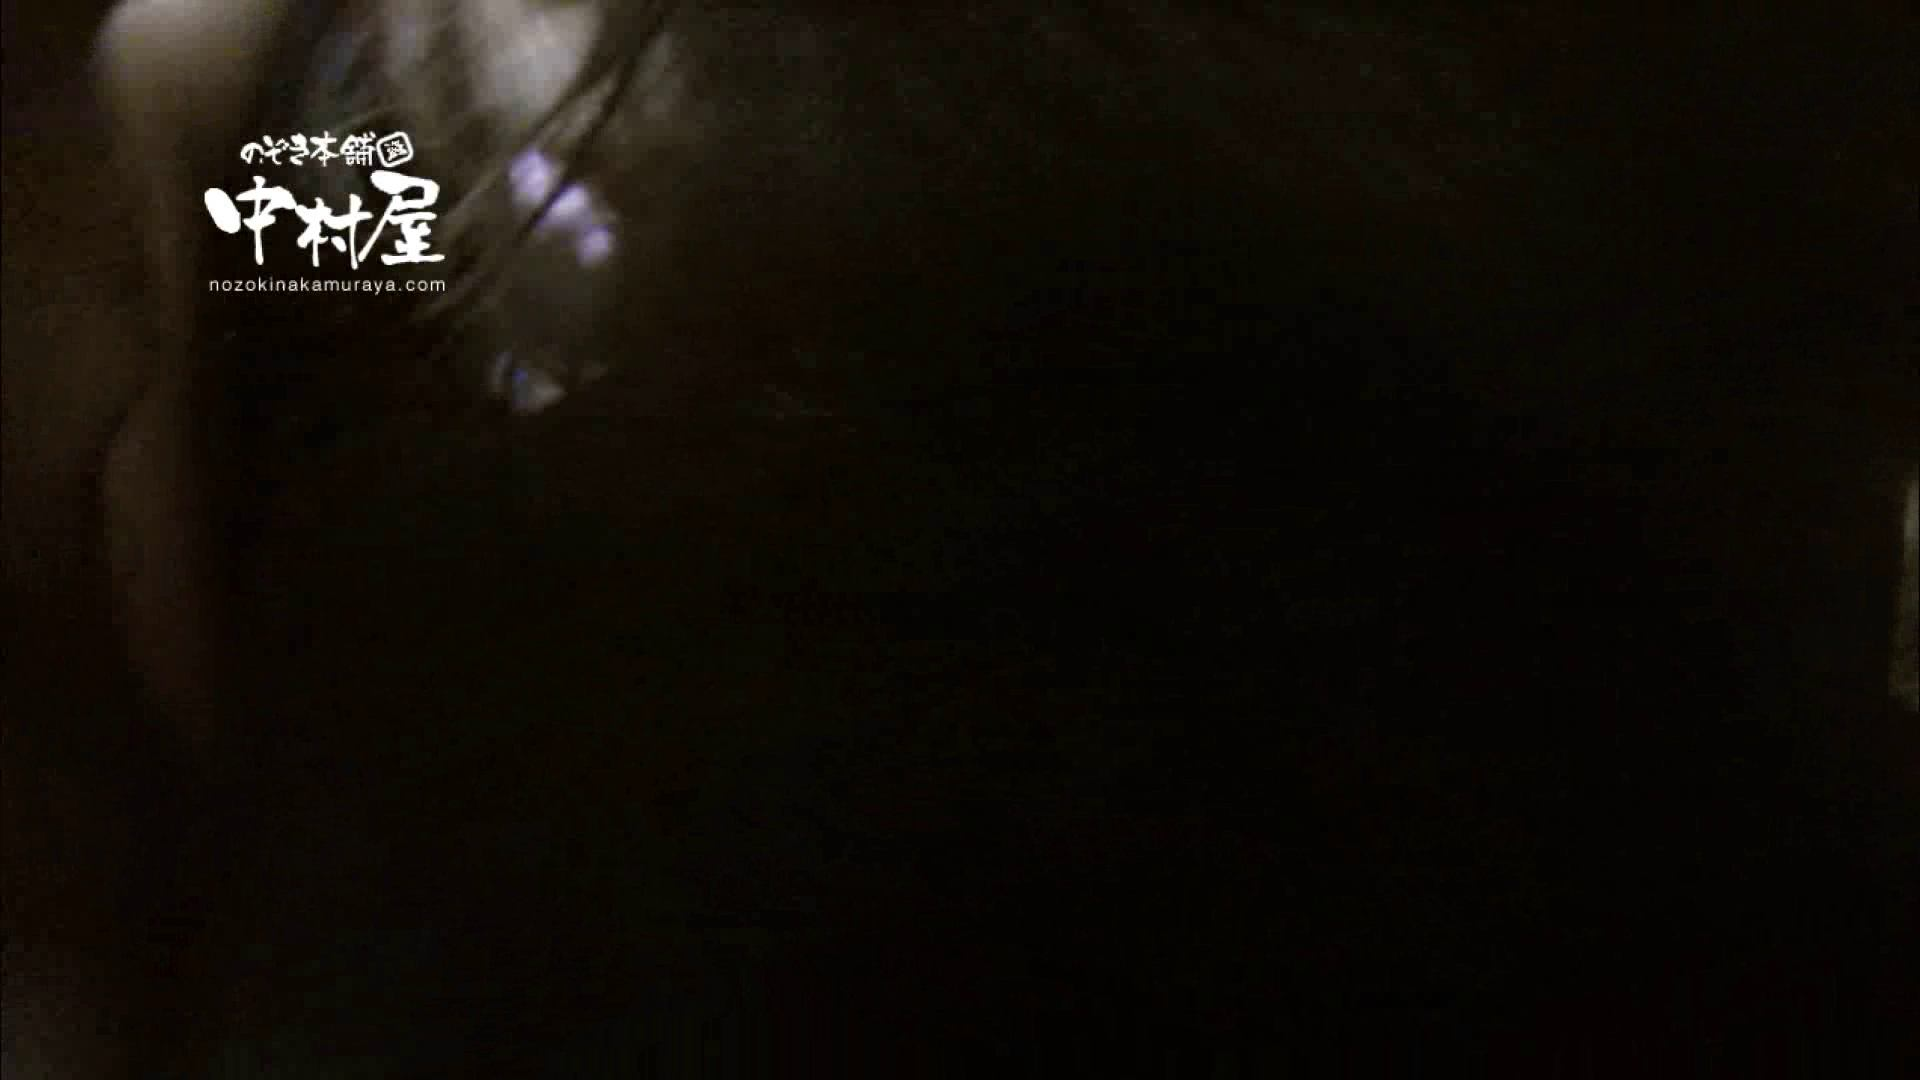 鬼畜 vol.11 下の口は正直なオンナ 後編 鬼畜  112PIX 48